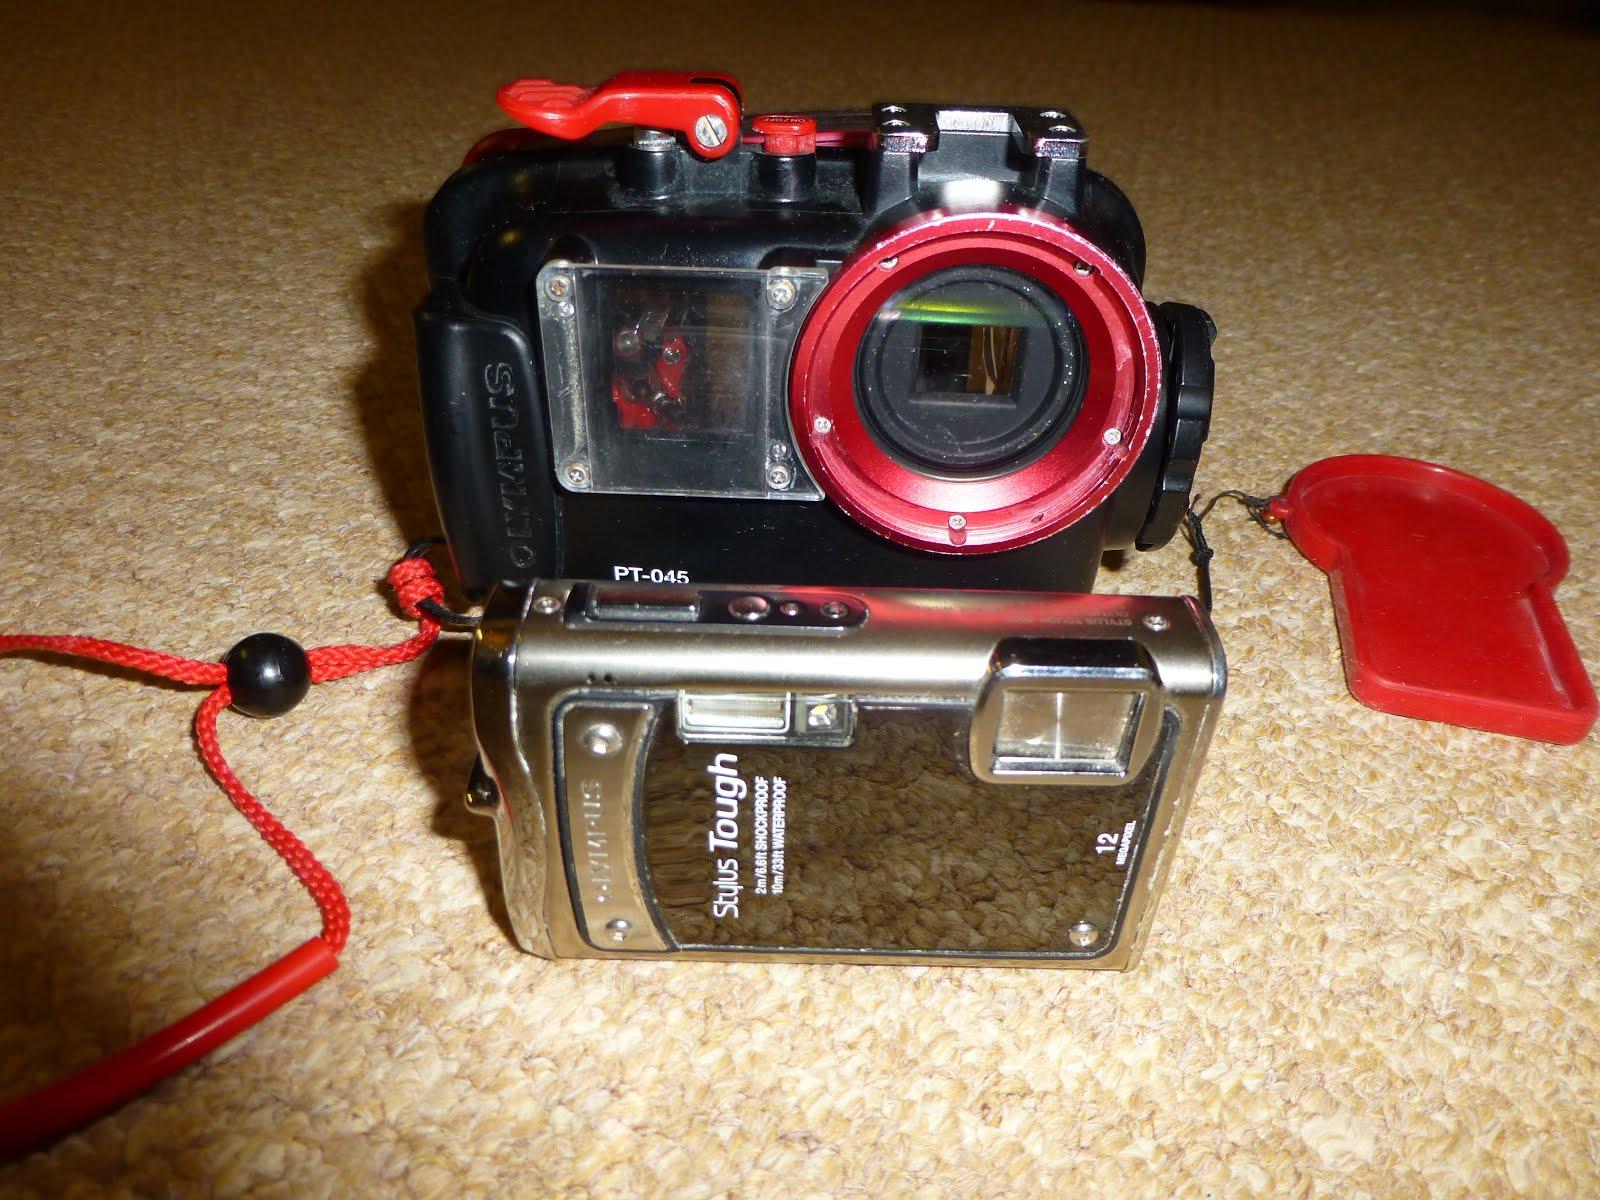 φωτογραφική μηχανή olympus 12mp και υποβρύχια θήκη. μεταχειρισμένο σετ.